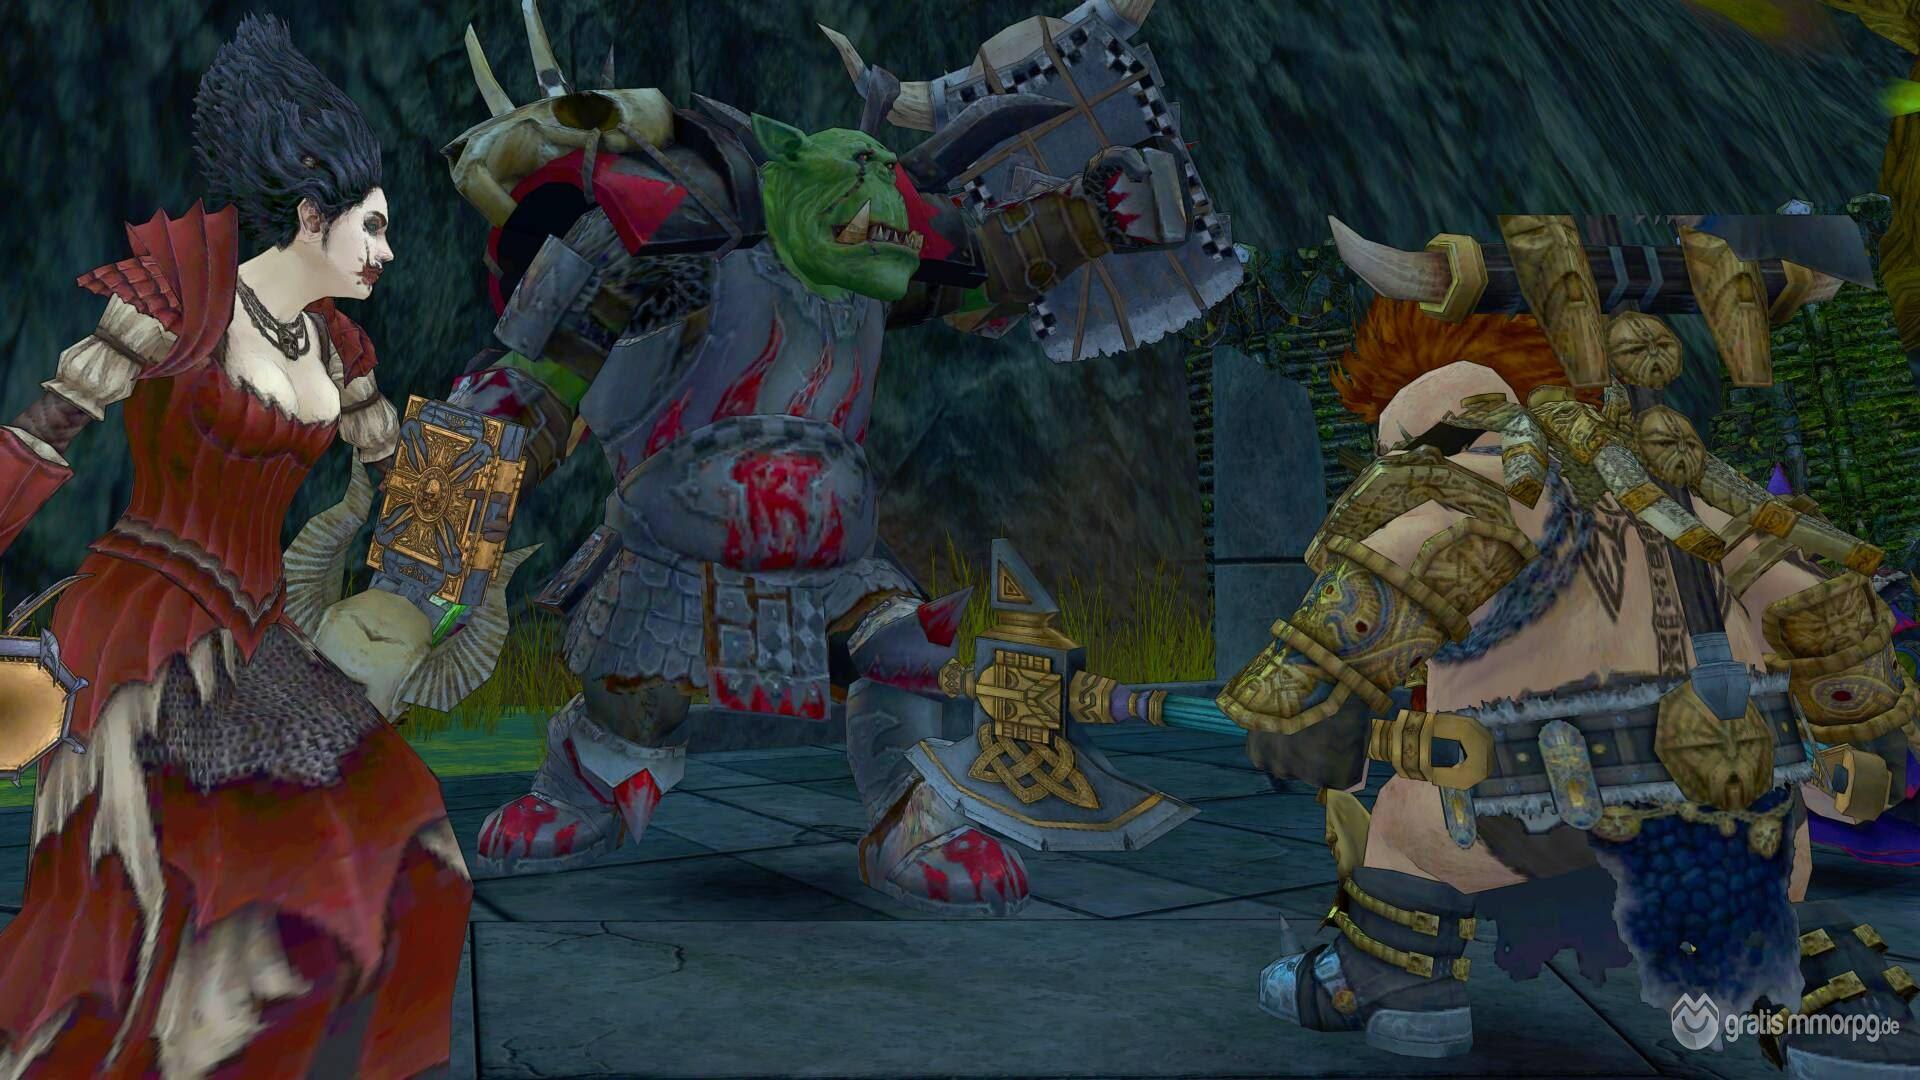 Klicke auf die Grafik für eine größere AnsichtName:Wrath of Heroes (2).jpgHits:65Größe:270,8 KBID:4271